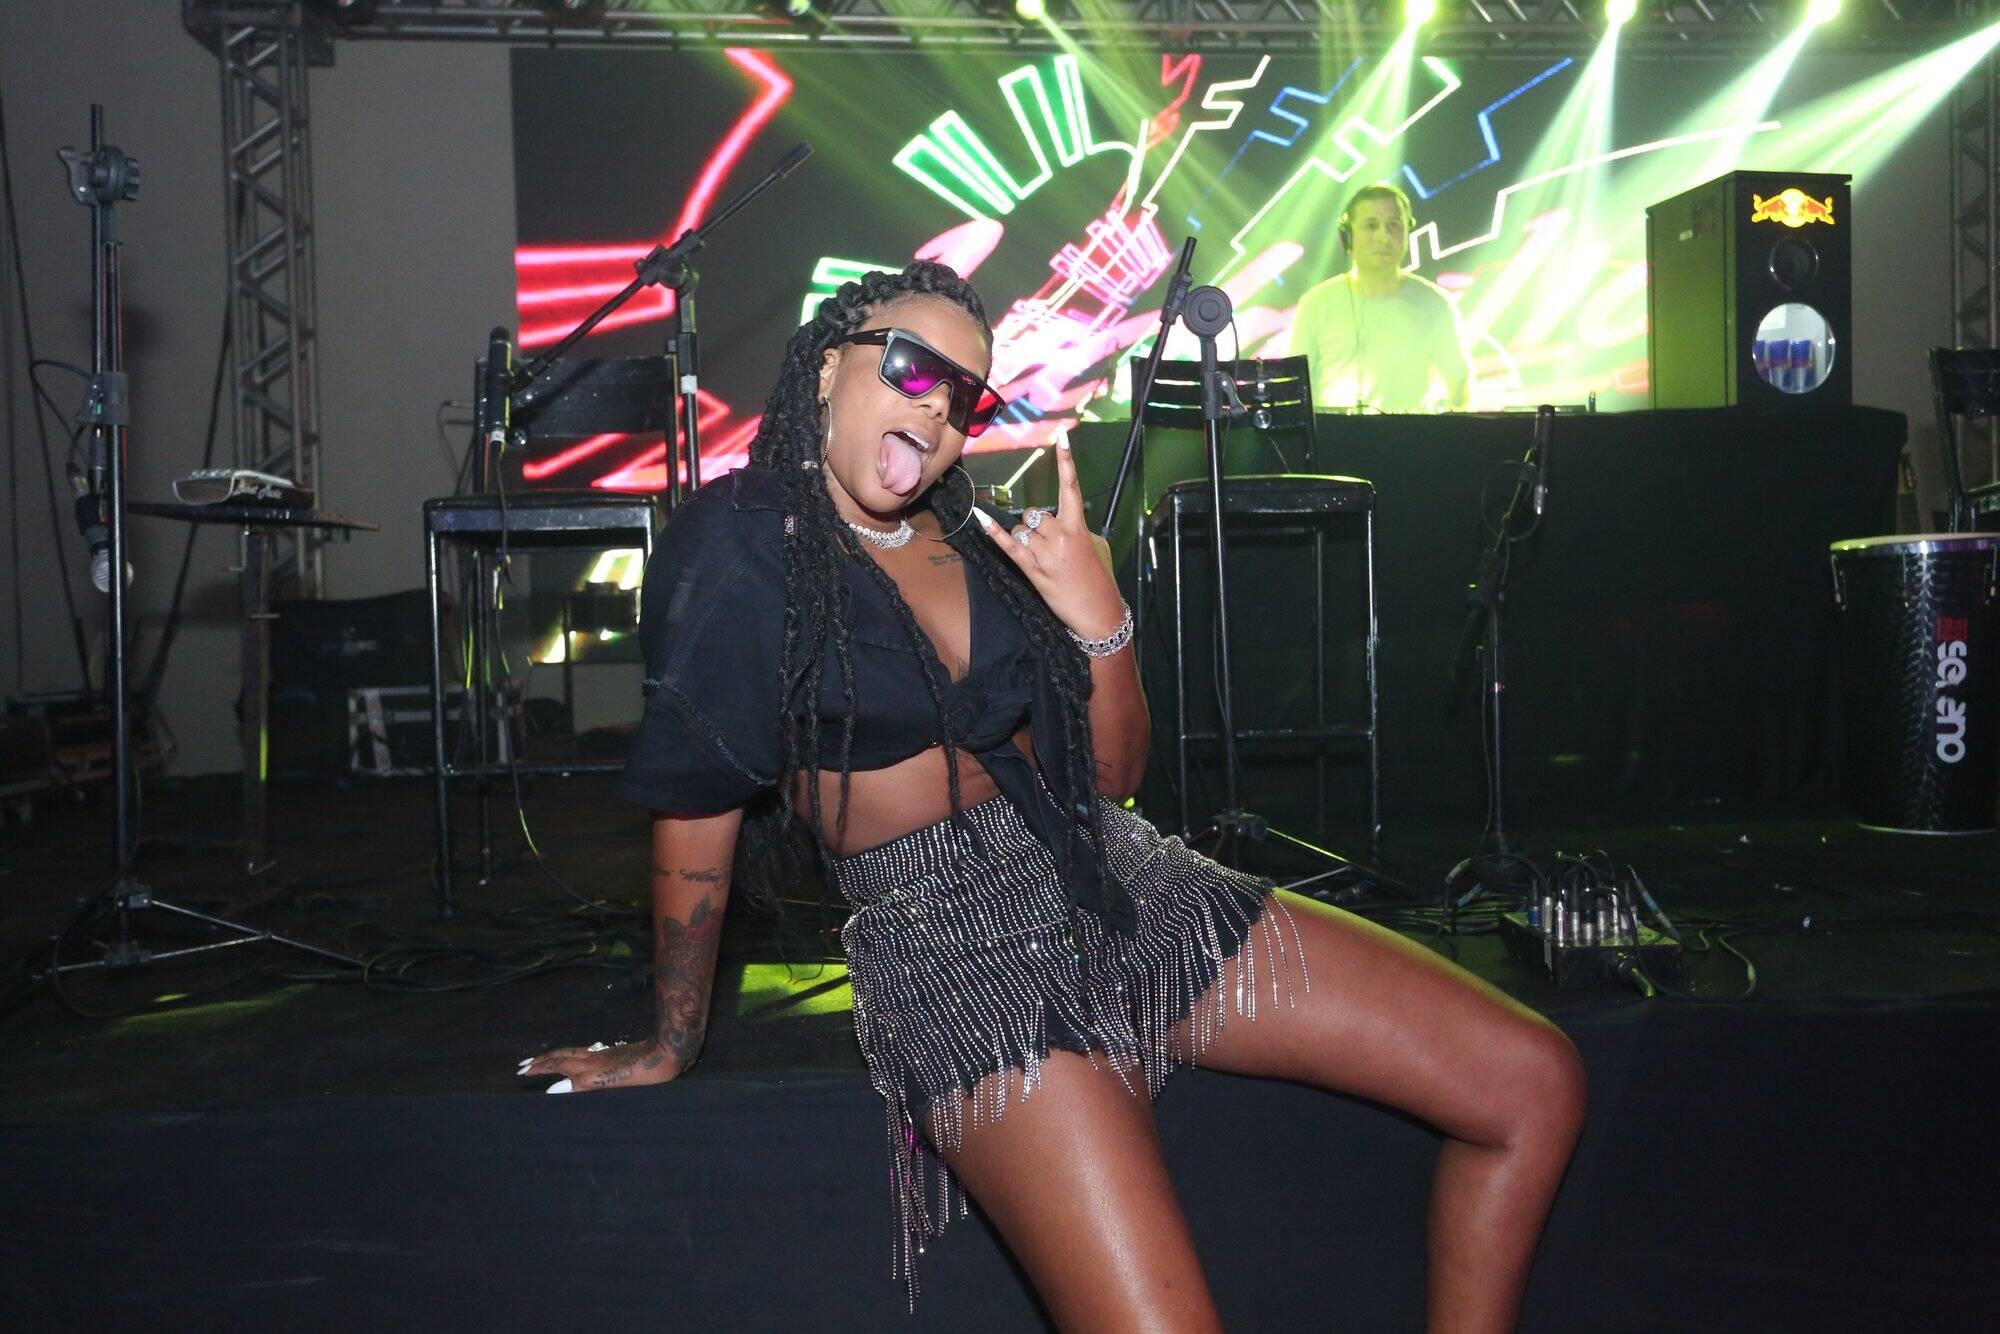 Em grande estilo, cantora Ludmilla comemora seu aniversário de 23 anos com muita ostentação. Foto: Reginaldo Teixeira/ CS Eventos